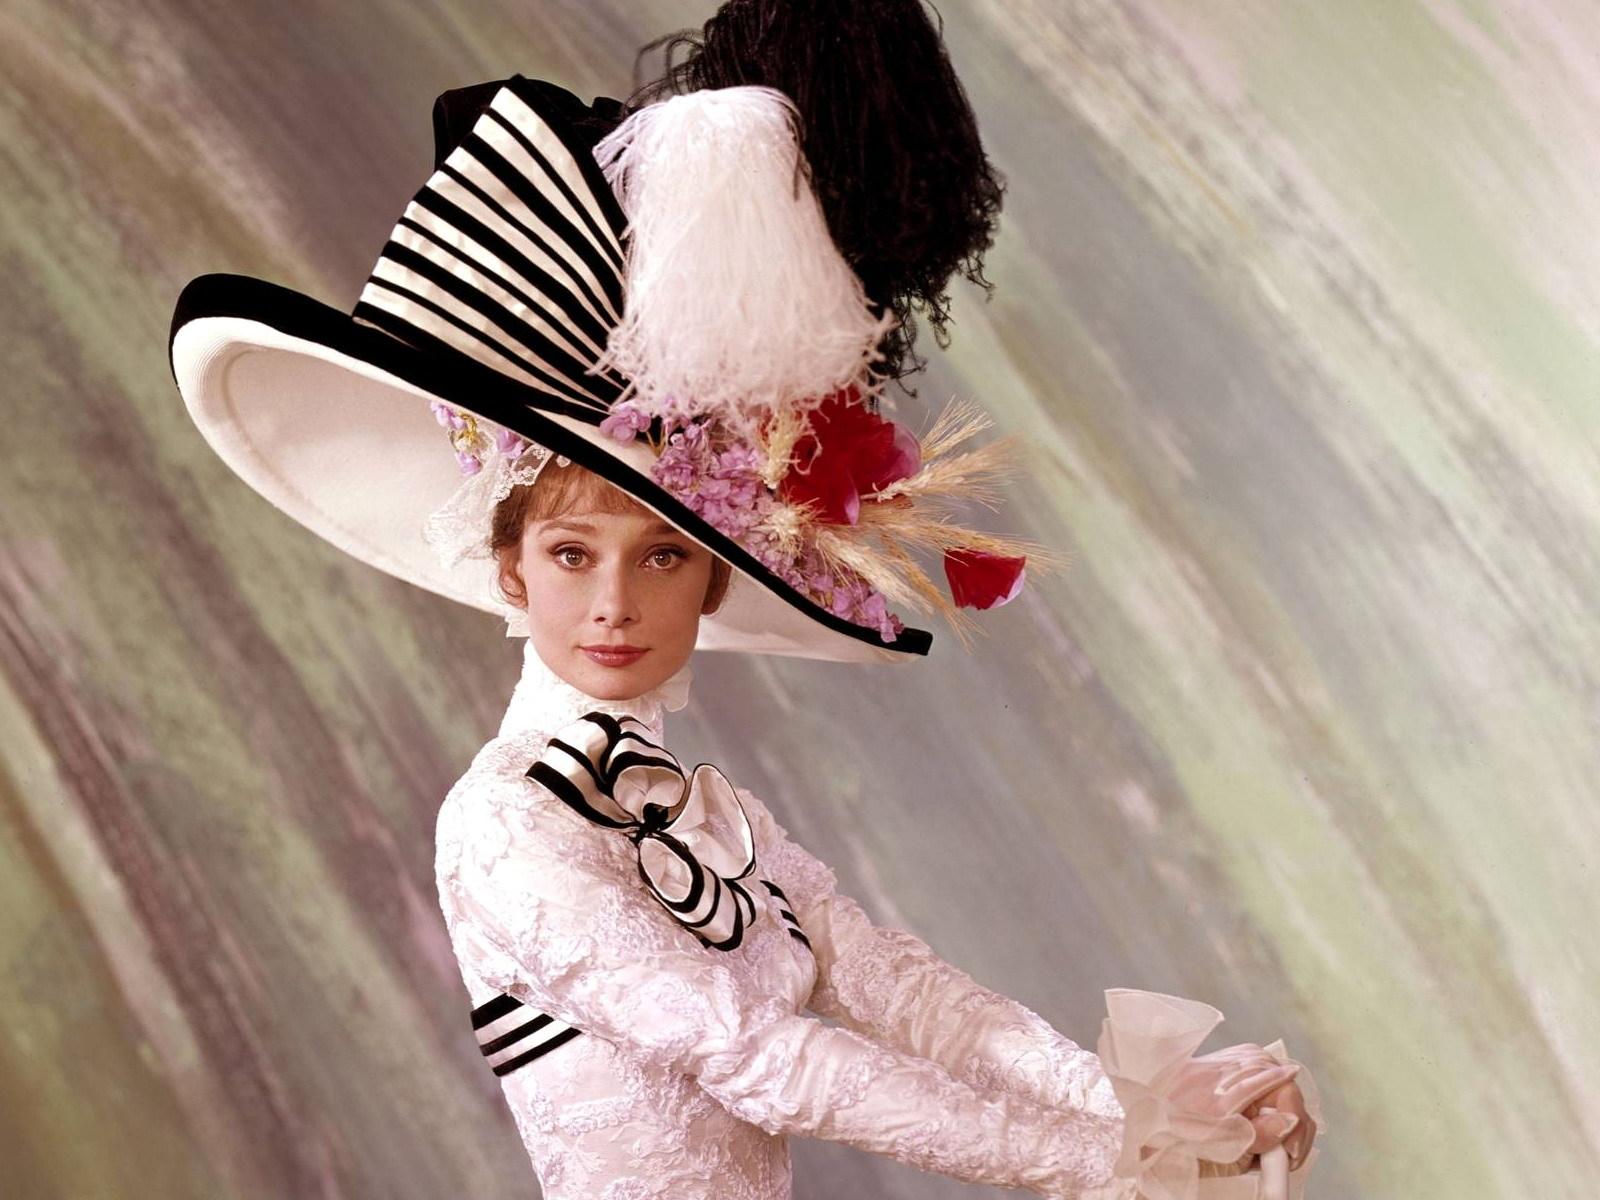 Αποτέλεσμα εικόνας για My fair lady kiss audrey hepburn